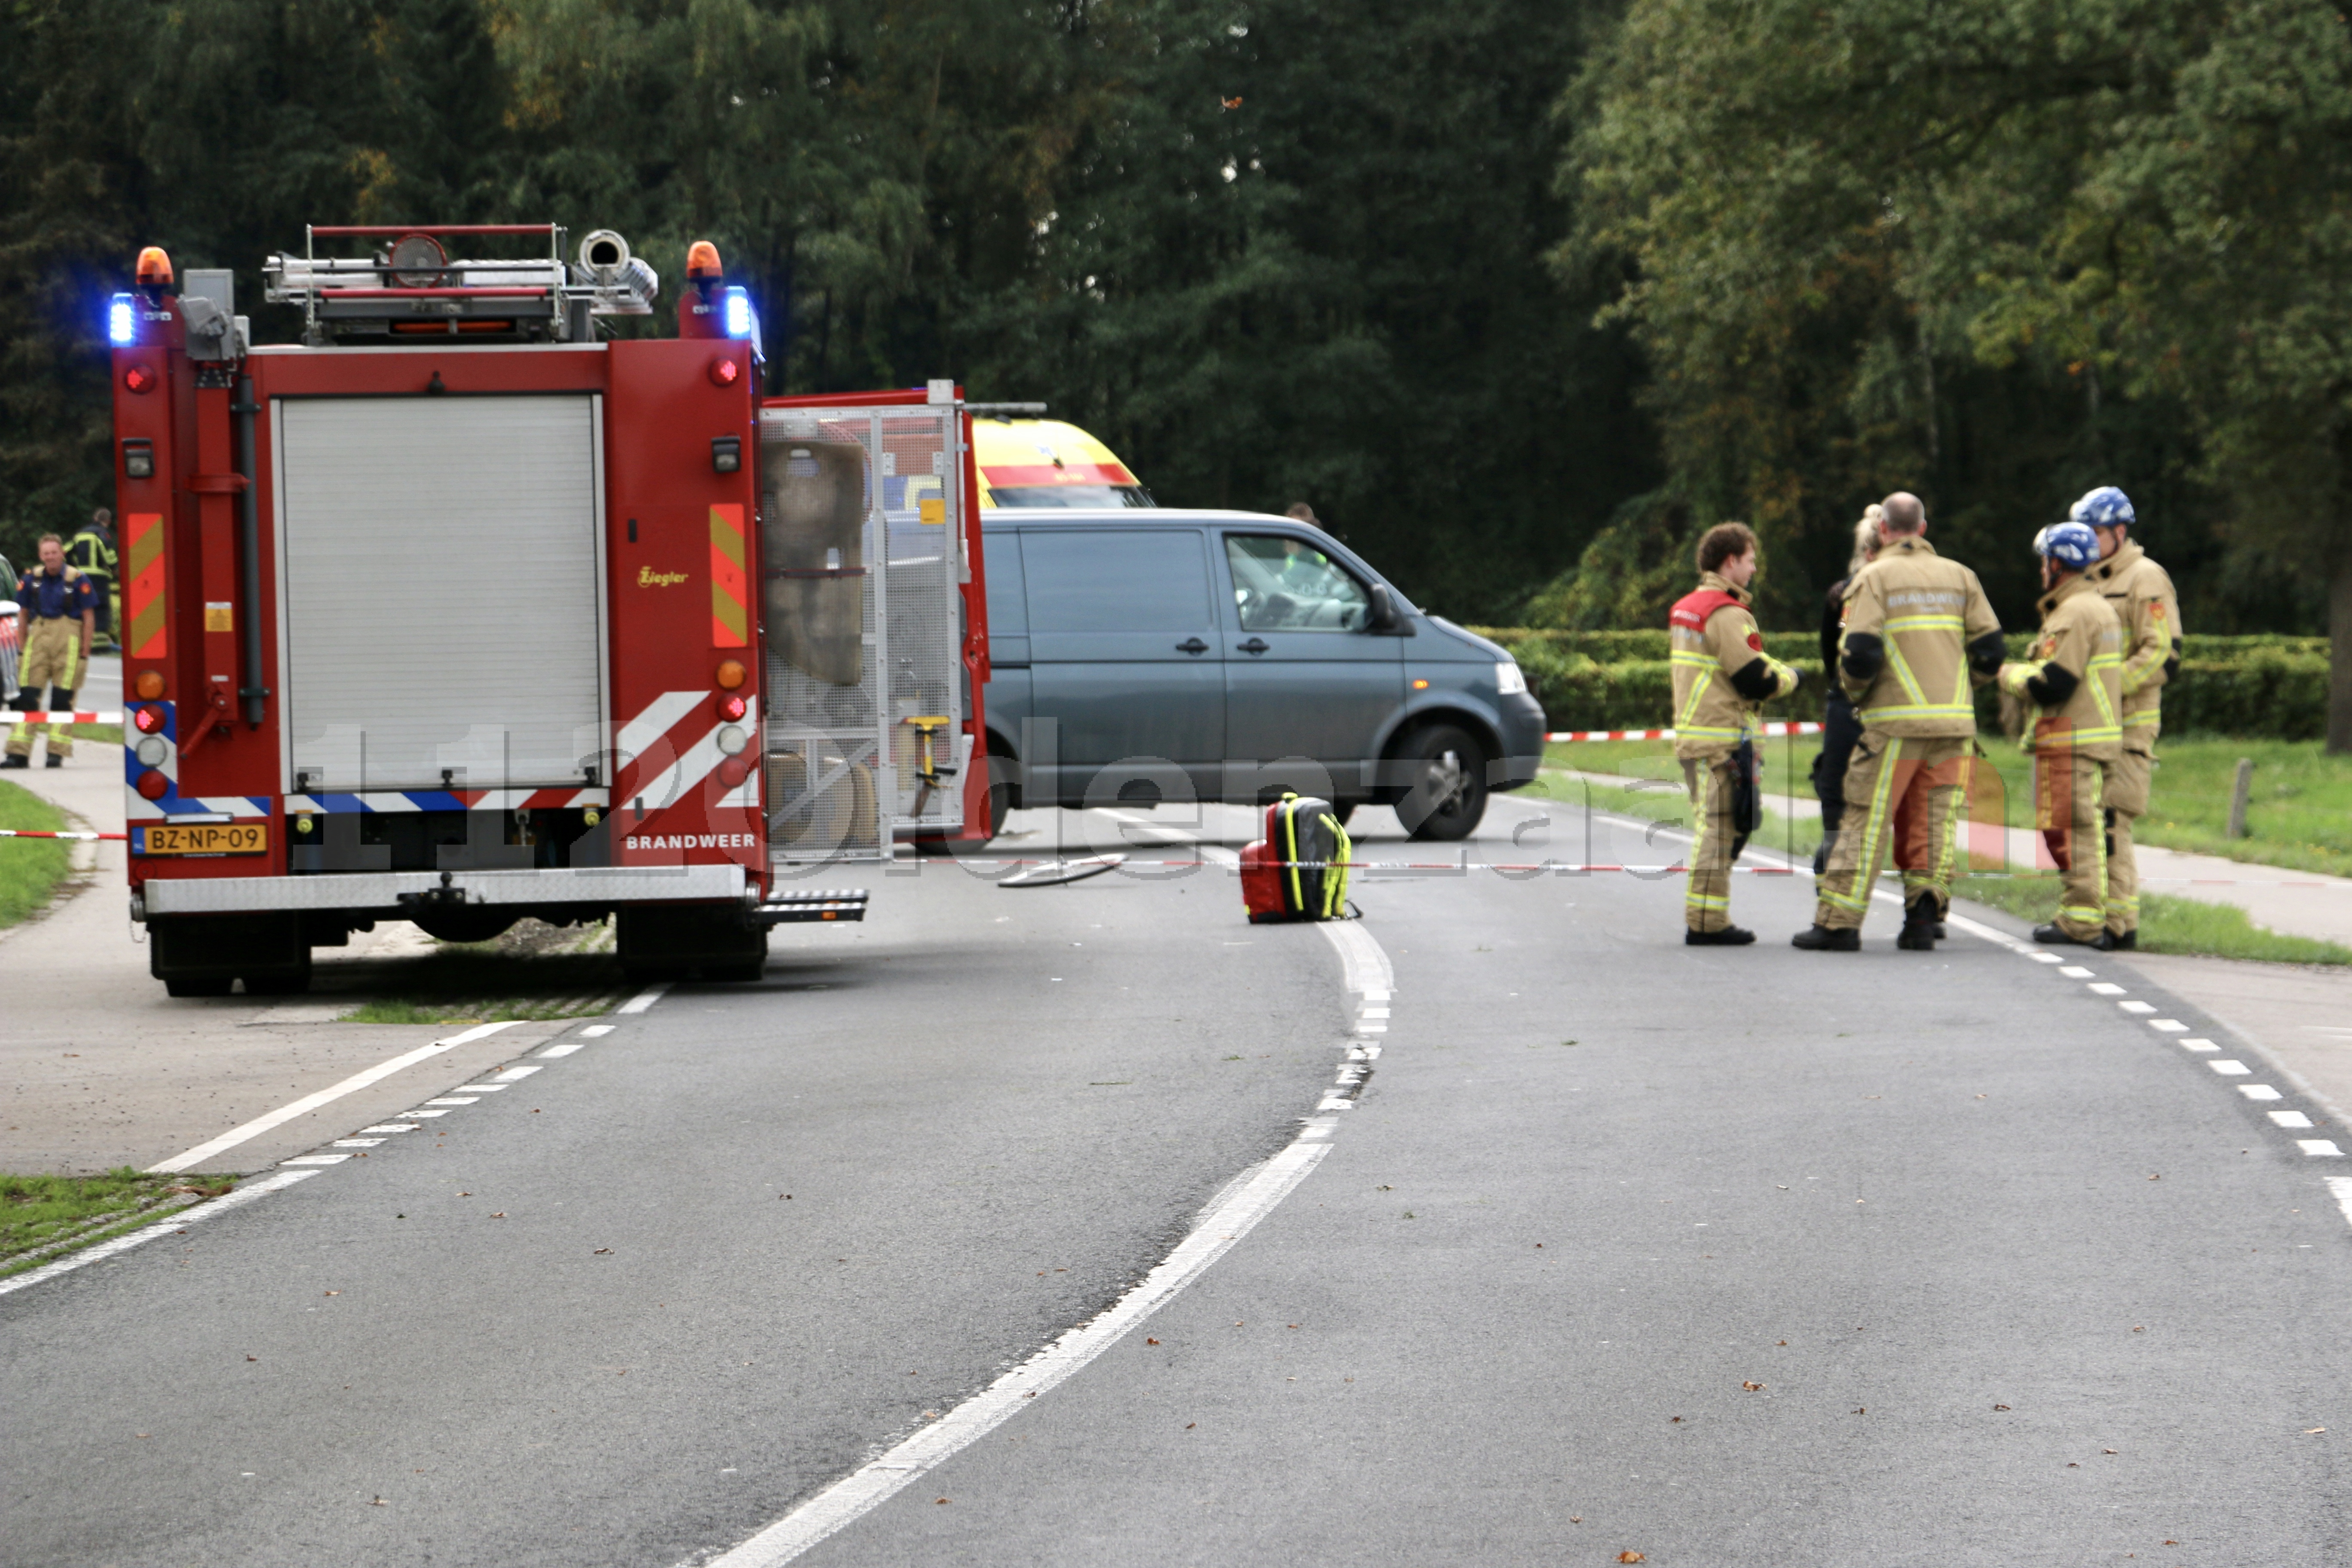 Fietser overleden bij ongeluk tussen Deurningen en Weerselo